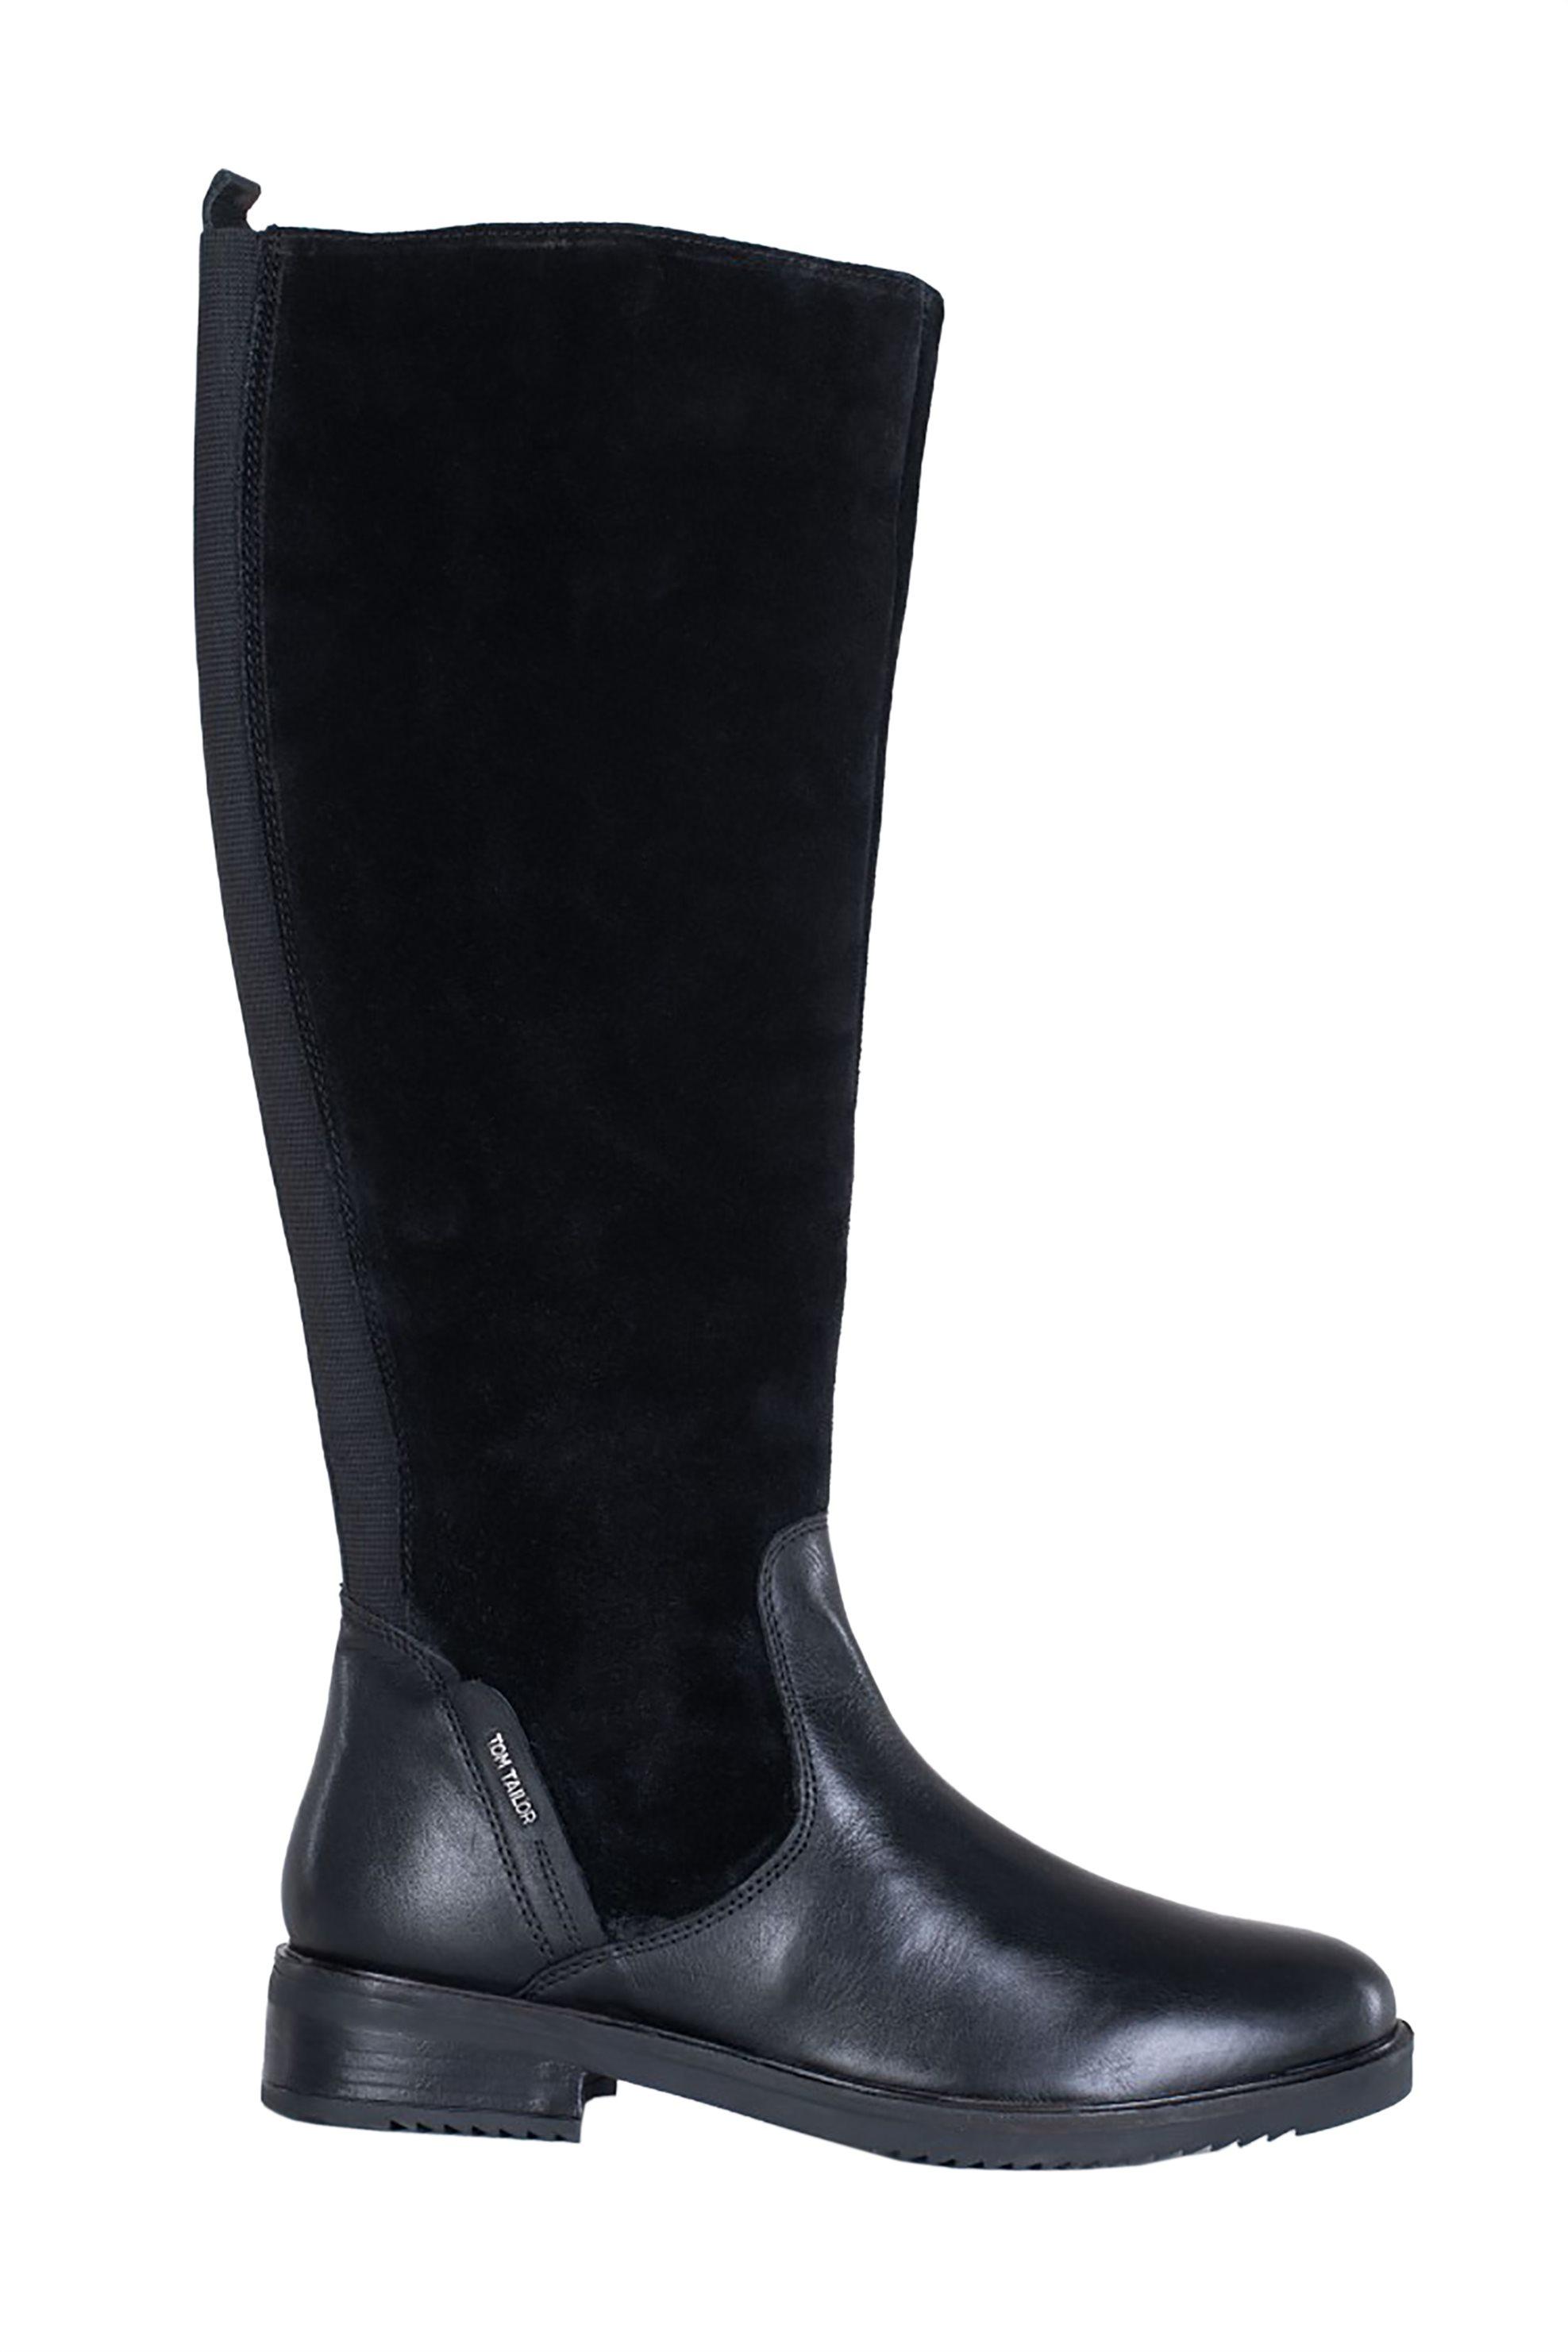 Tom Tailor γυναικείες δερμάτινες ψηλές suede μπότες – 7999103 – Μαύρο